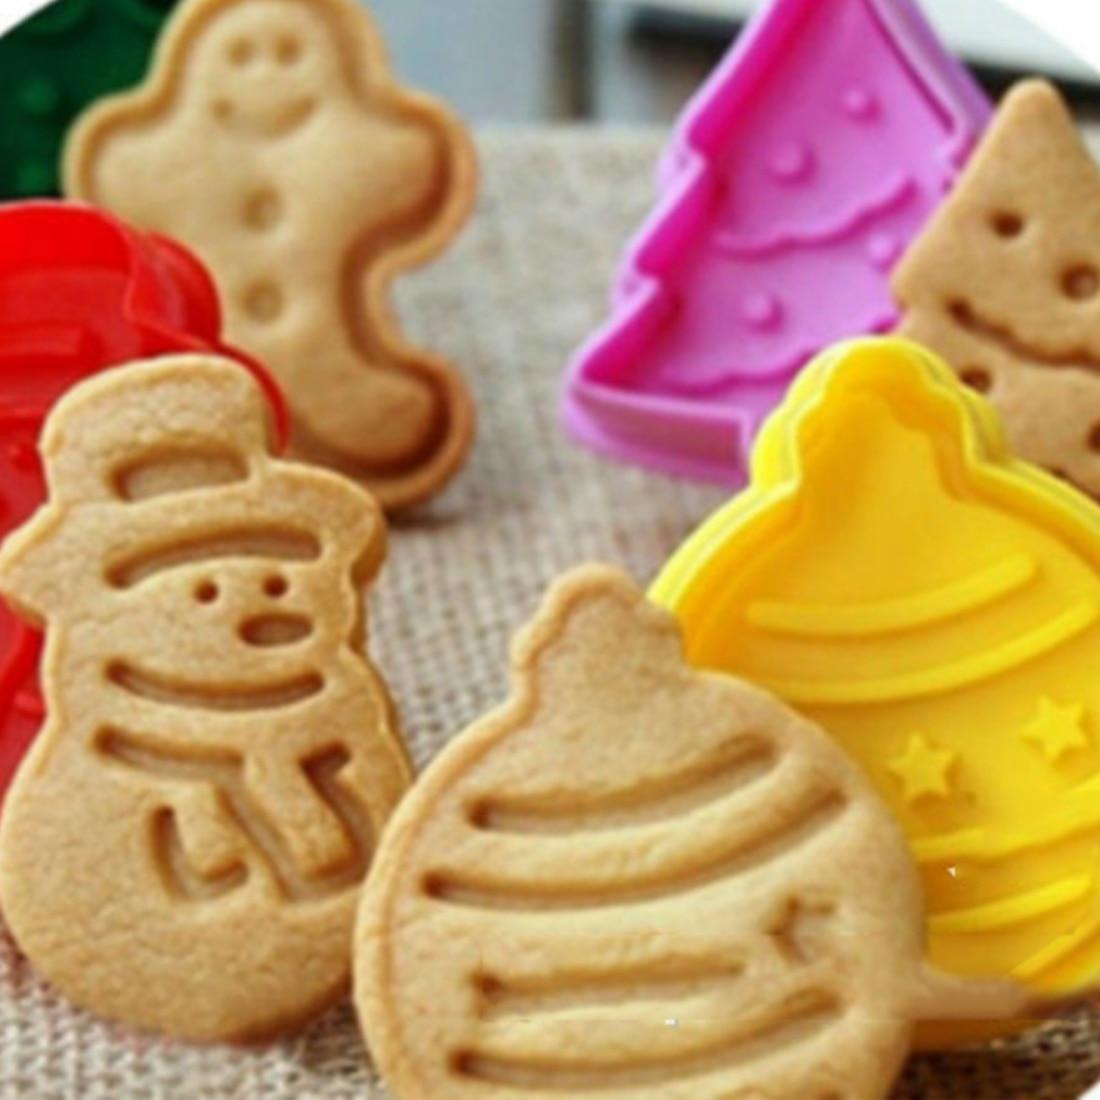 Moule à biscuits plongeateurs à biscuits   Moule à gâteaux, bonhomme de neige de noël, outil Sugarcraft outil de décoration de gâteaux, nouveau 4 pièces